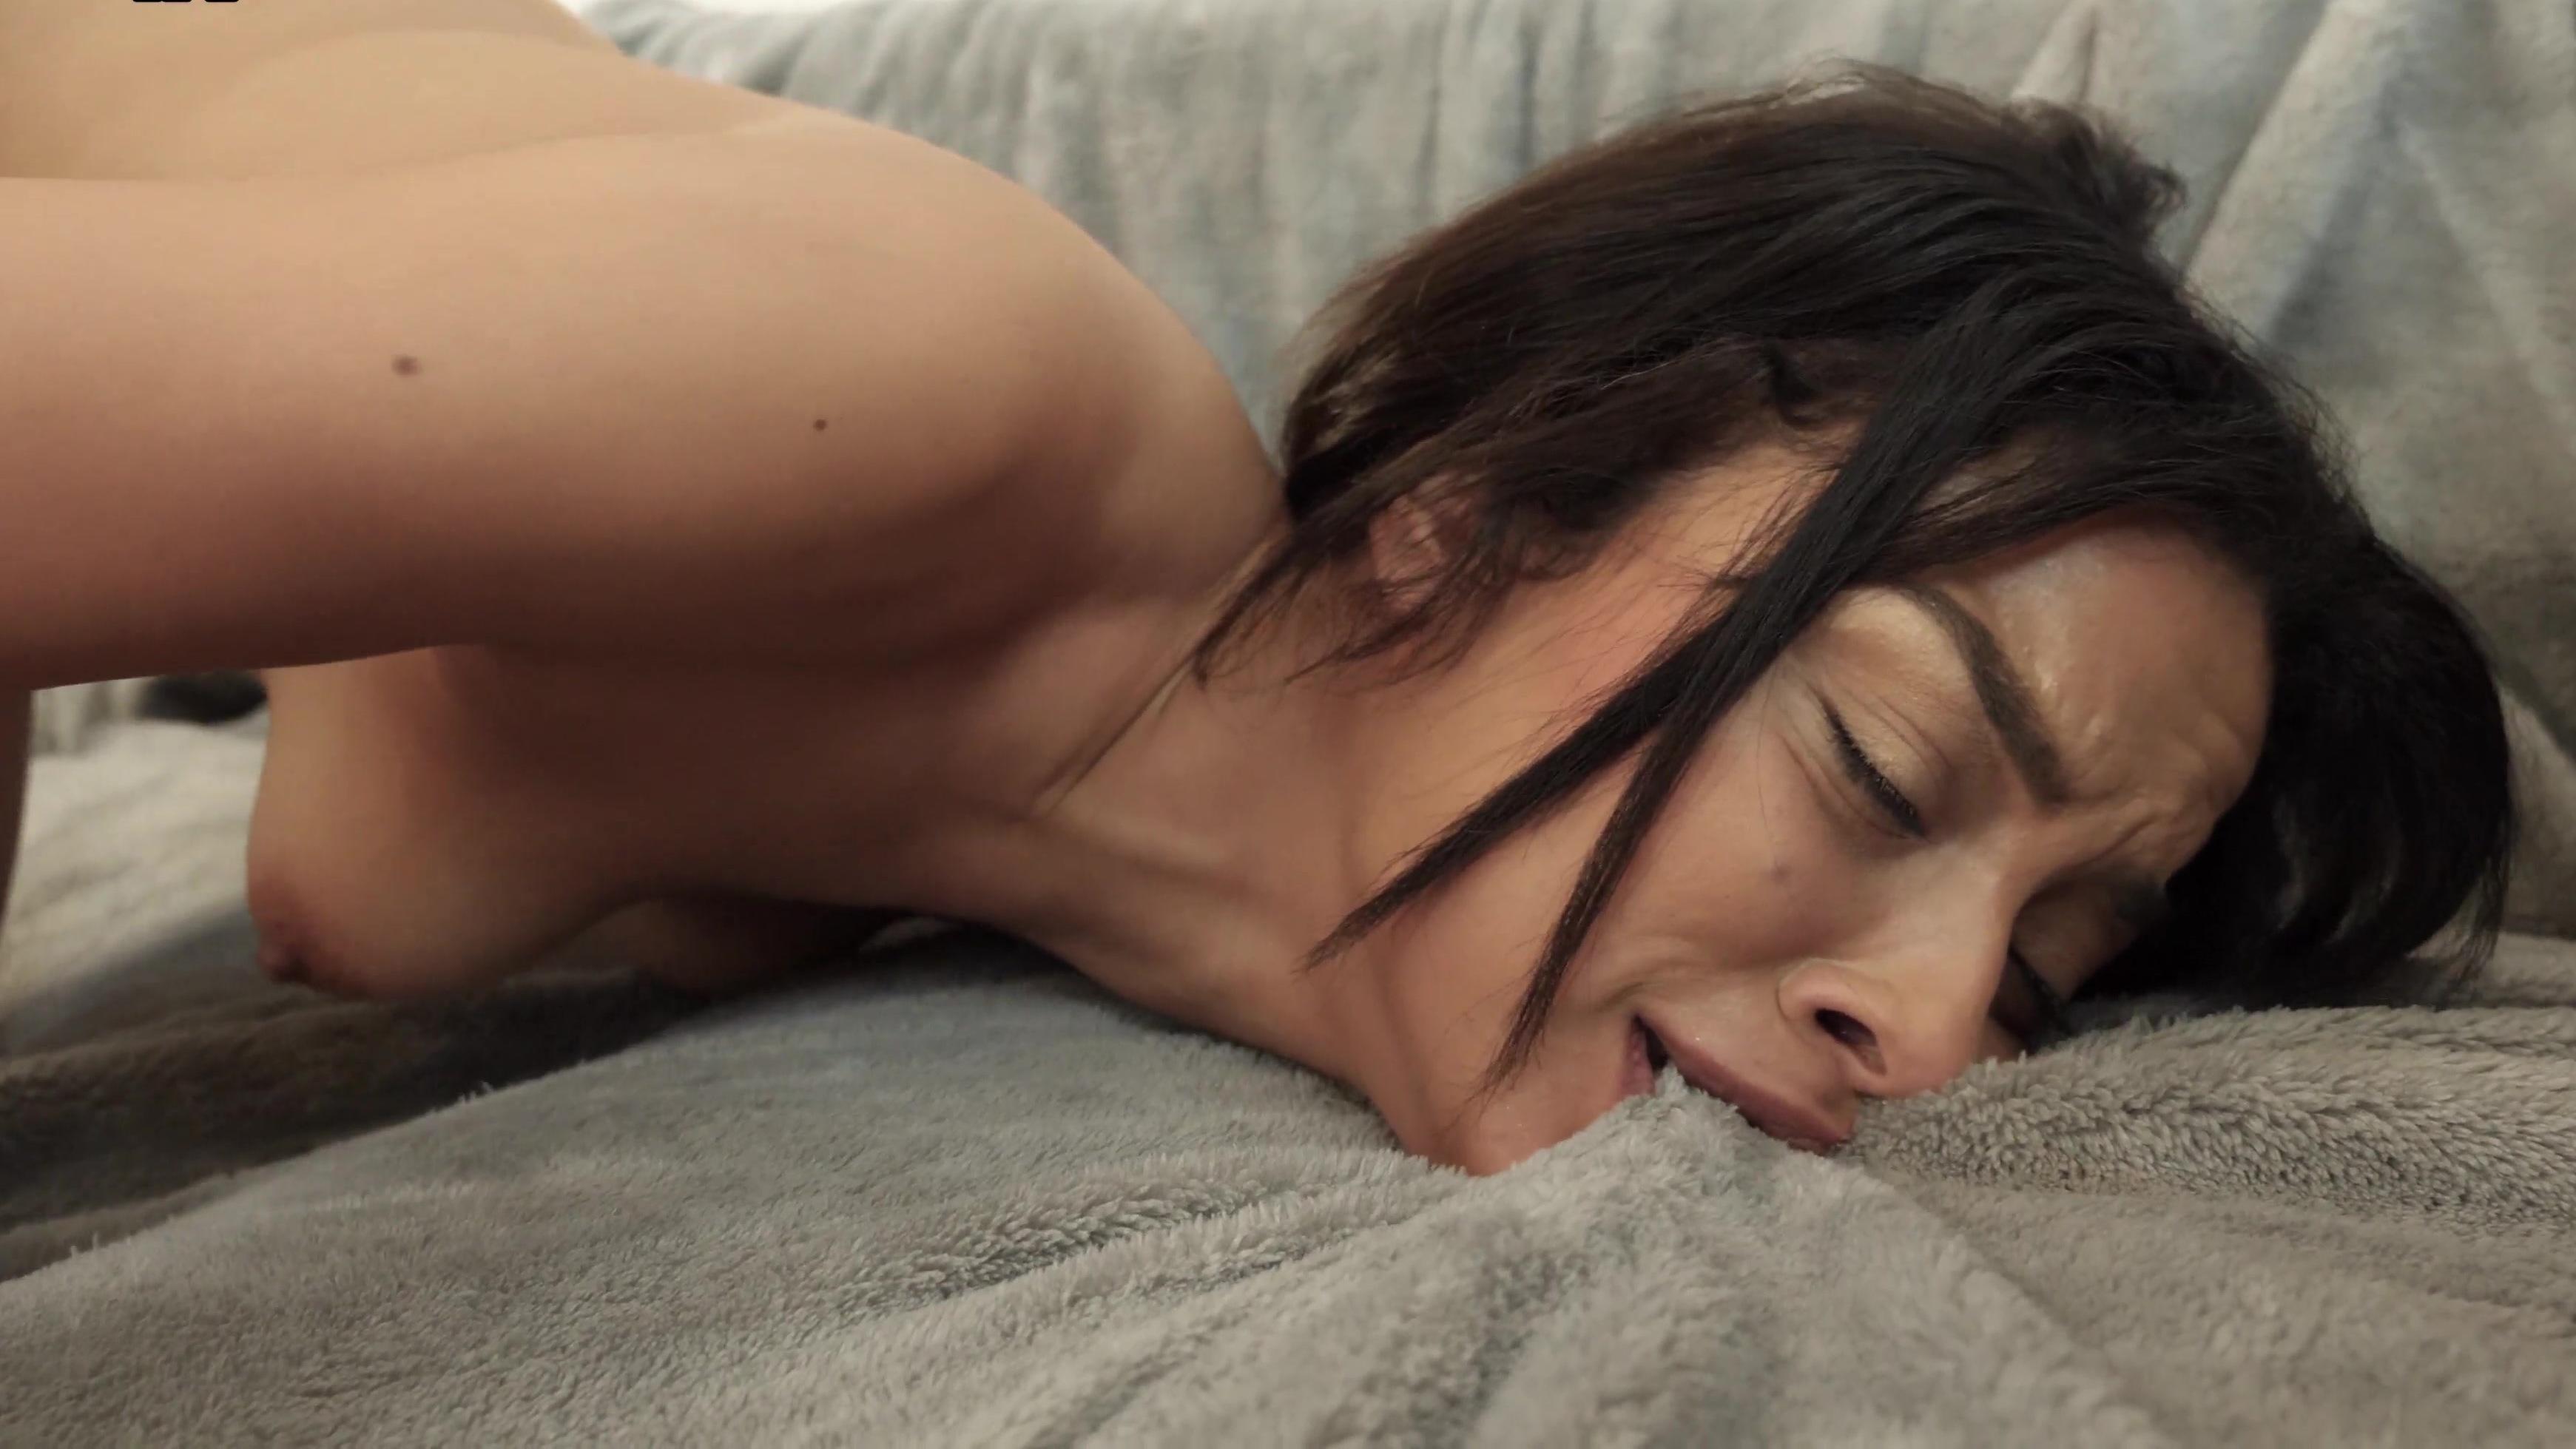 Porn Sheet